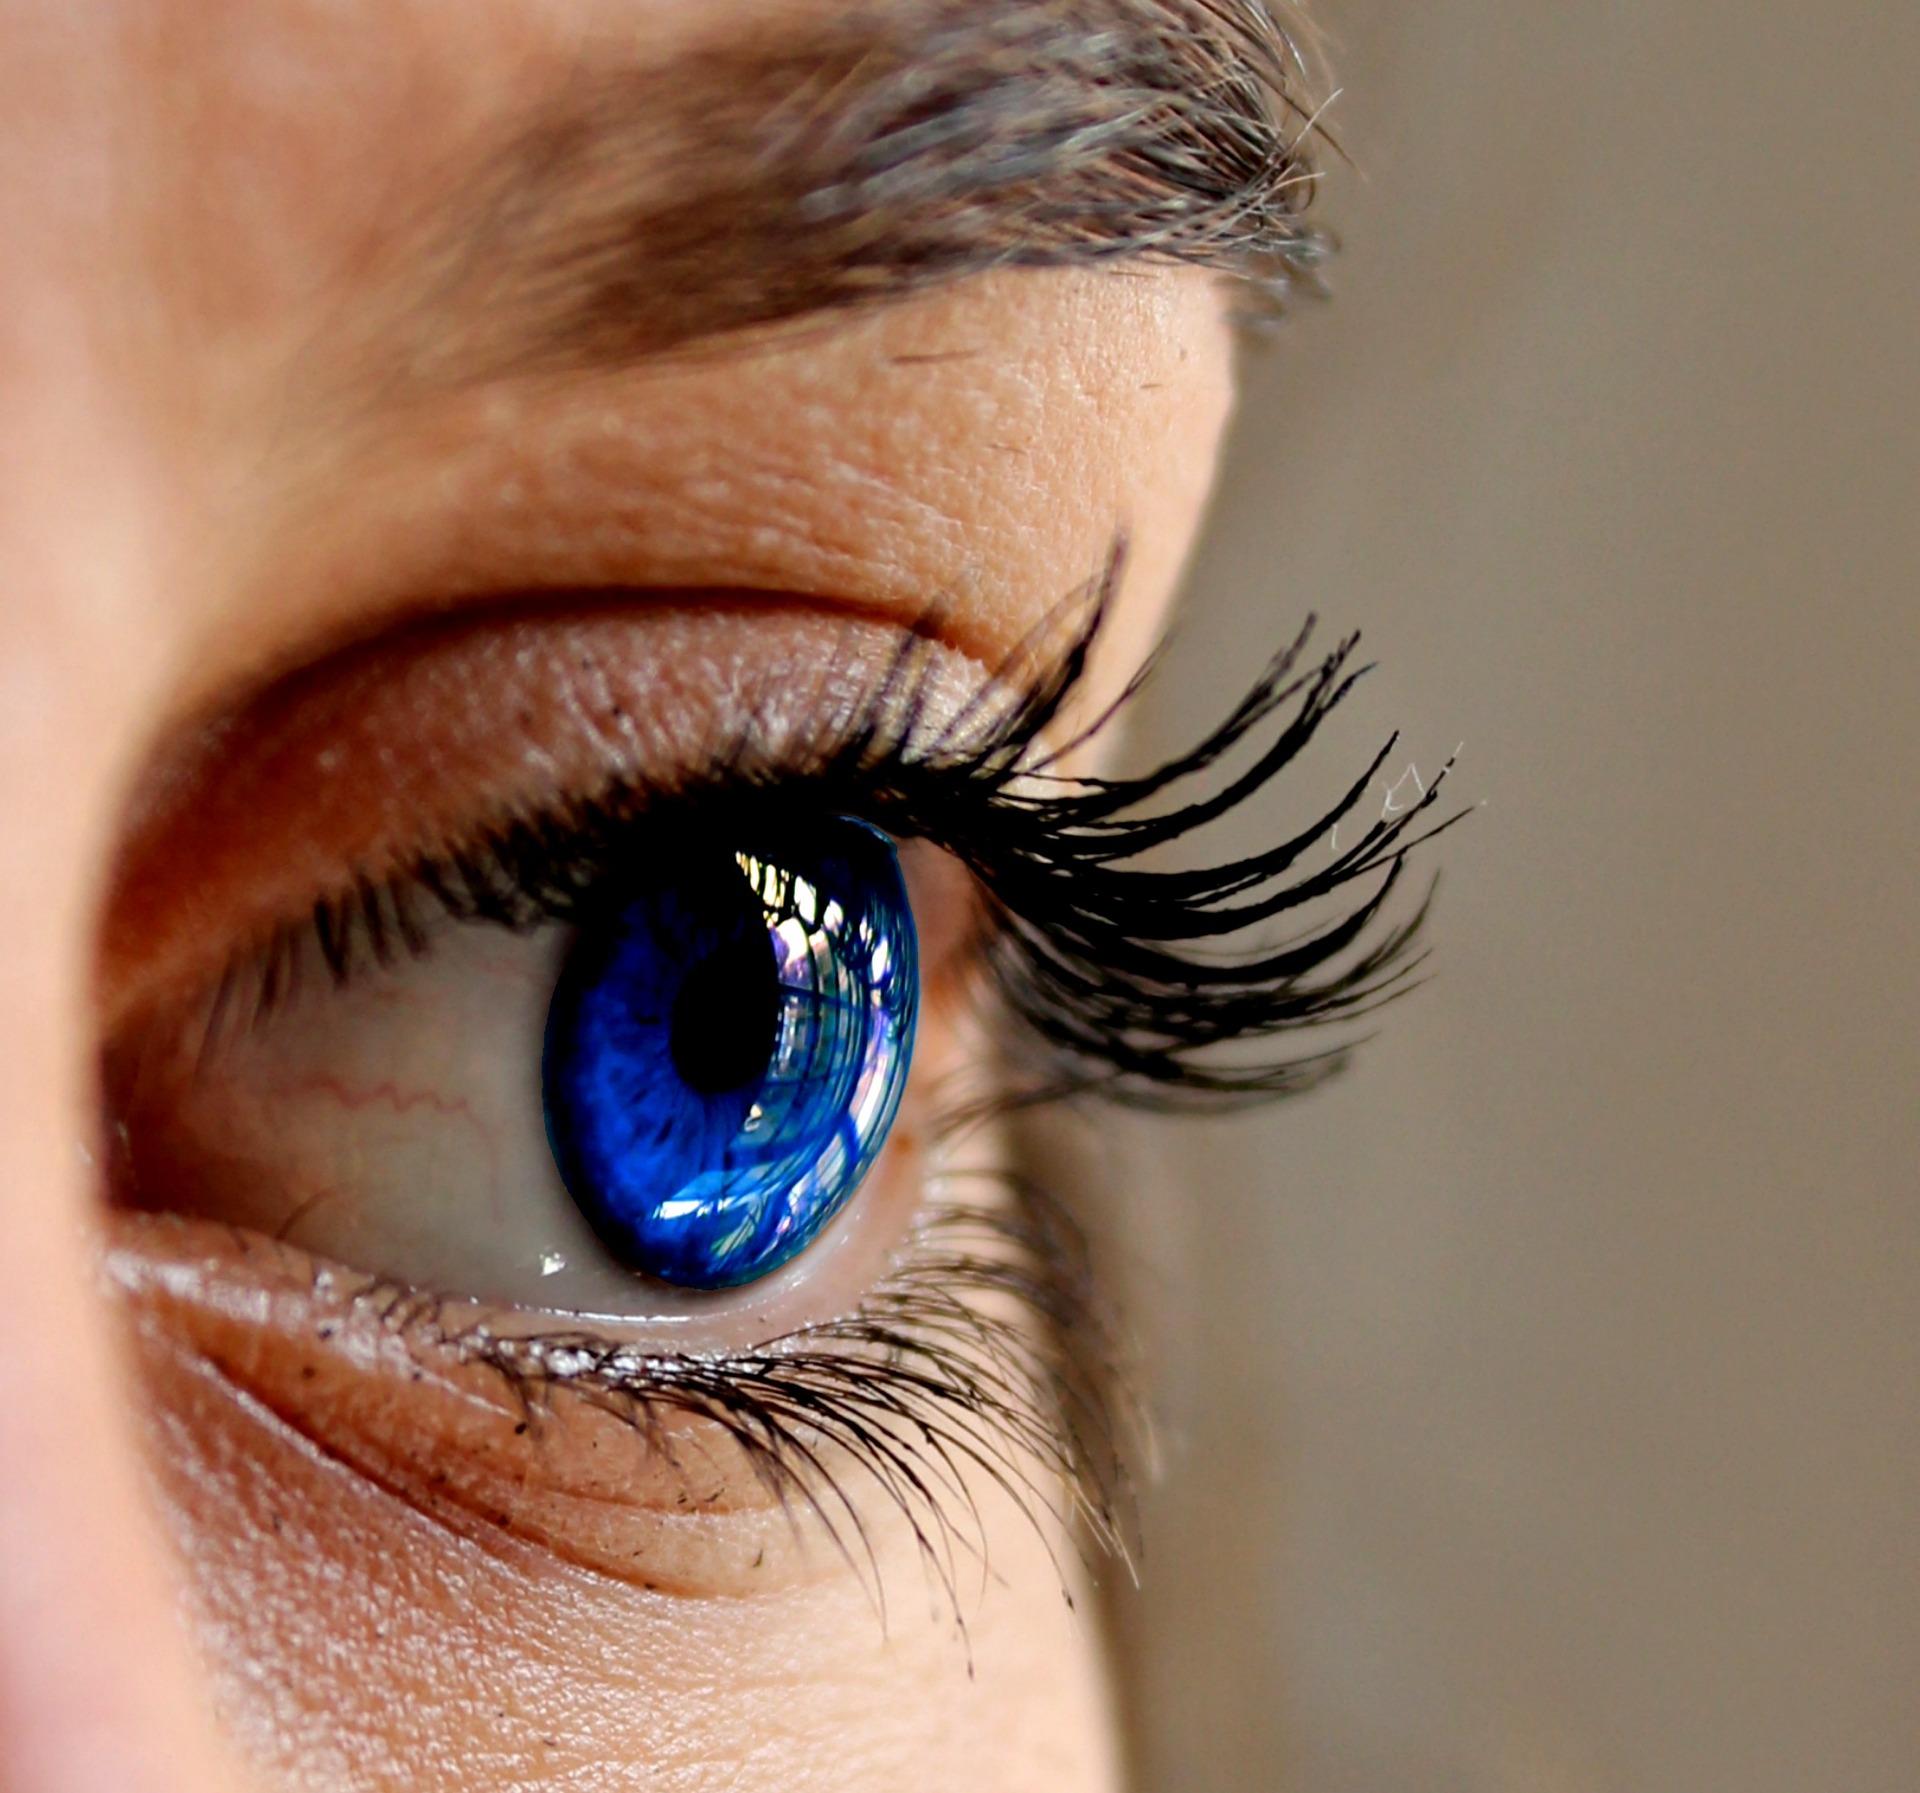 eyes-2843185_1920.jpg